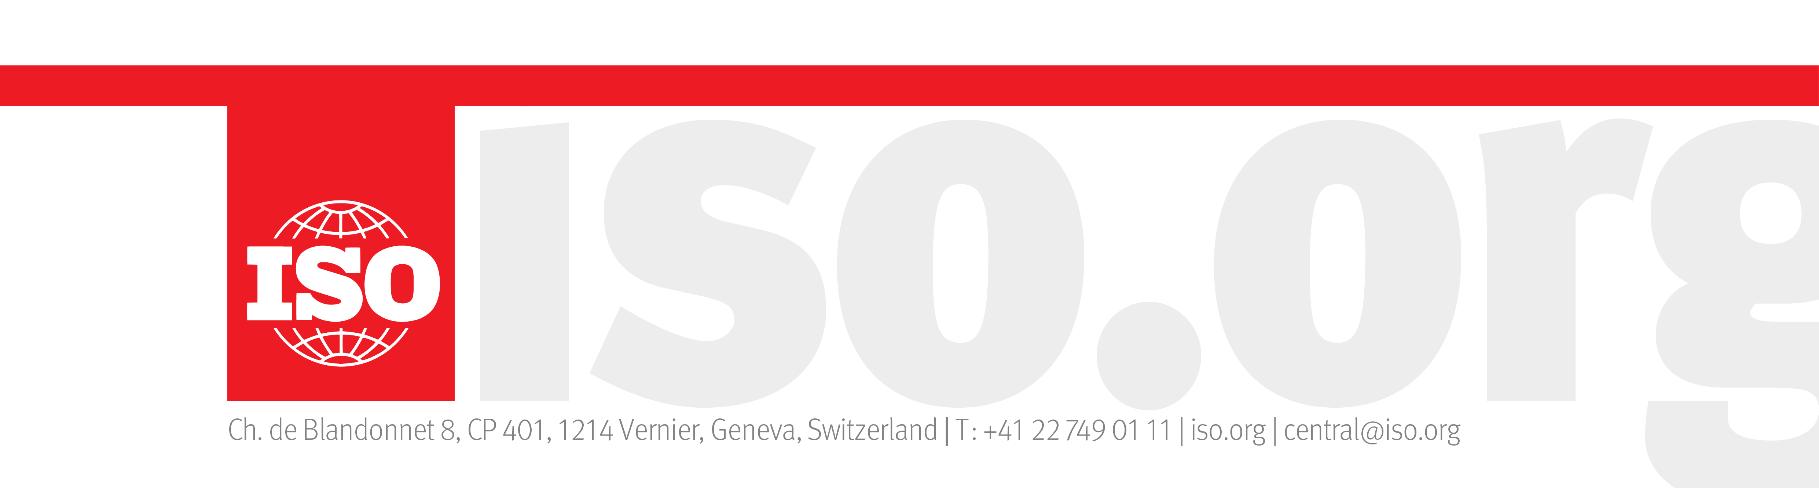 New ISO Logo - Blandonnet